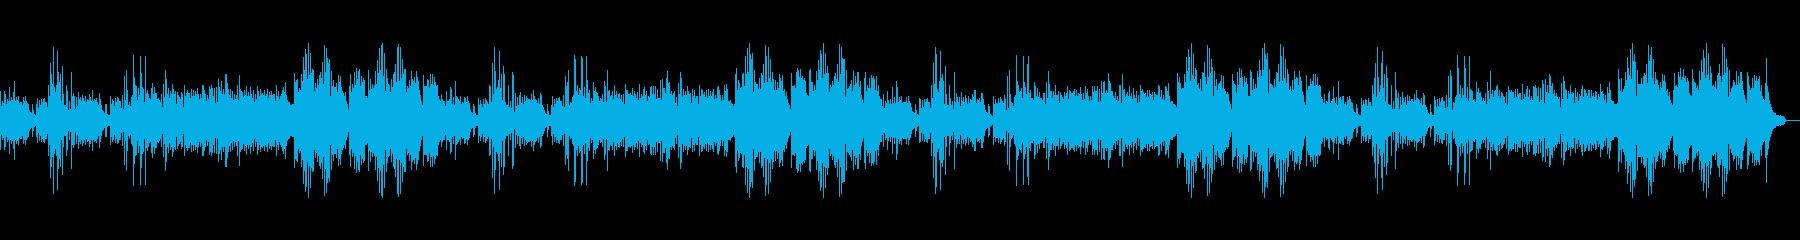 森や湖をイメージしたピアノが目立つBGMの再生済みの波形